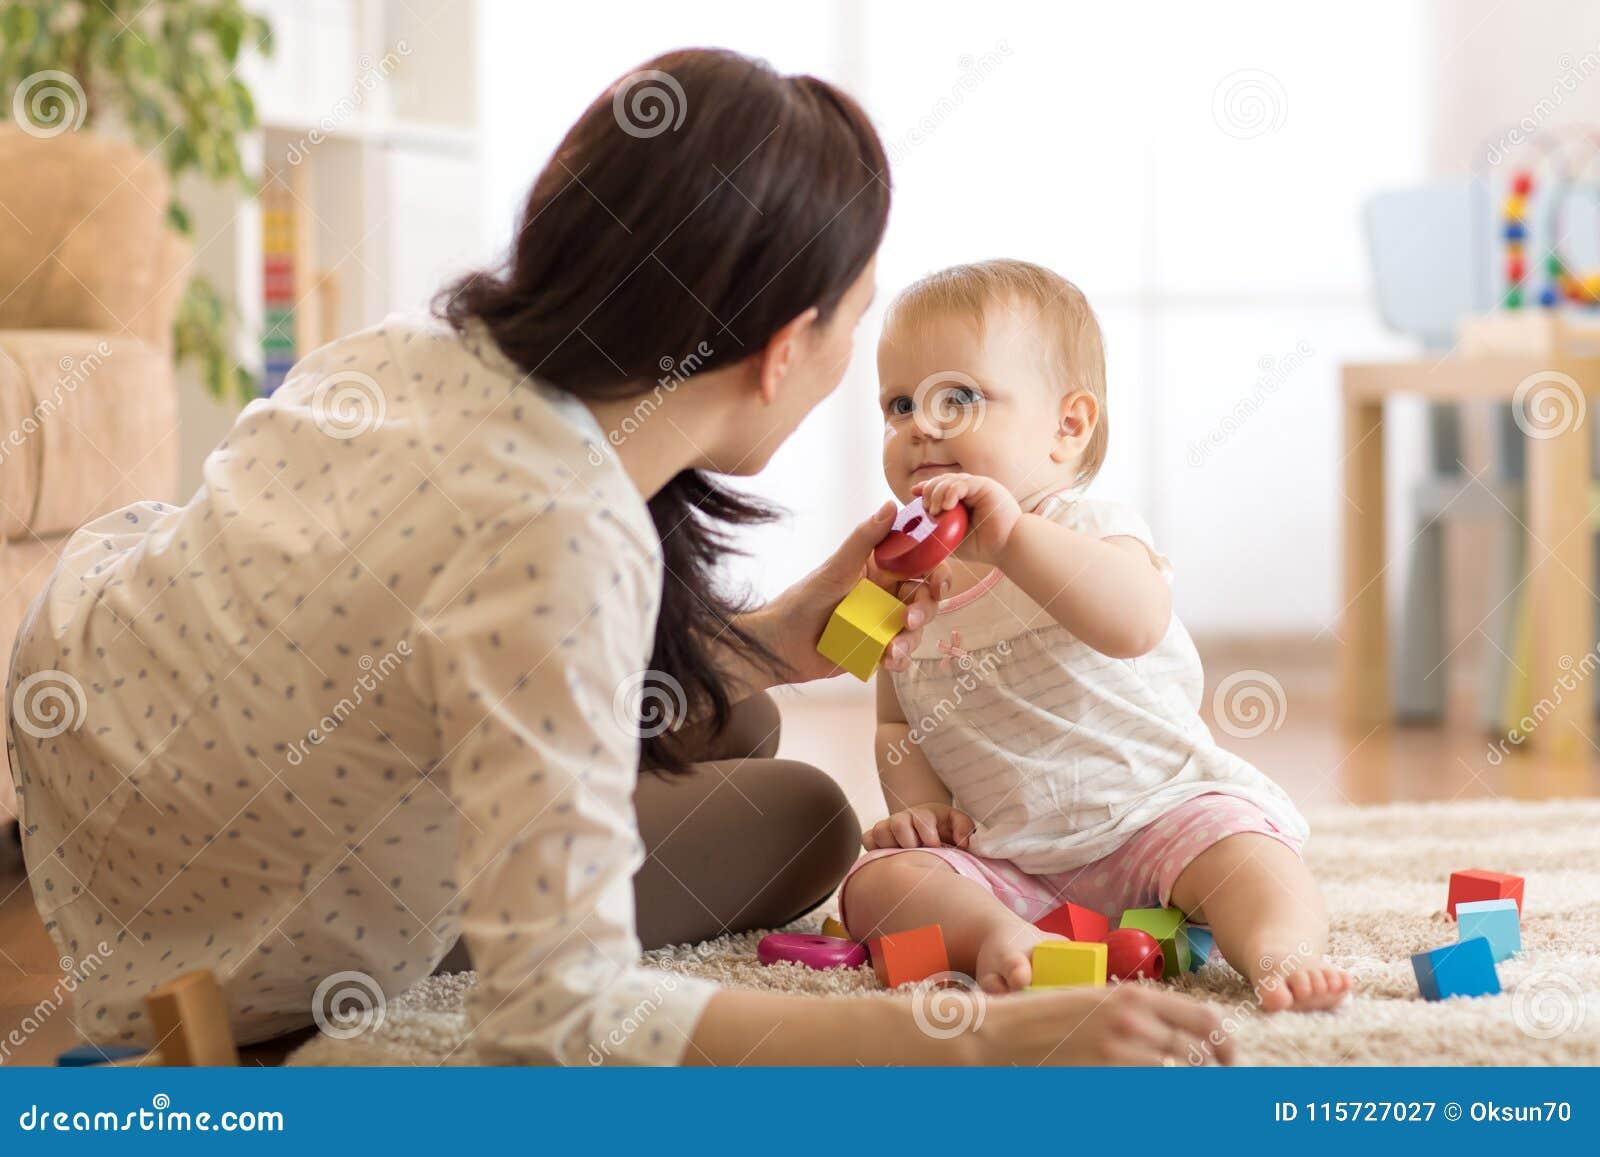 Bebé adorable que juega con los juguetes educativos en cuarto de niños Niño que se divierte con diversos juguetes coloridos en ca